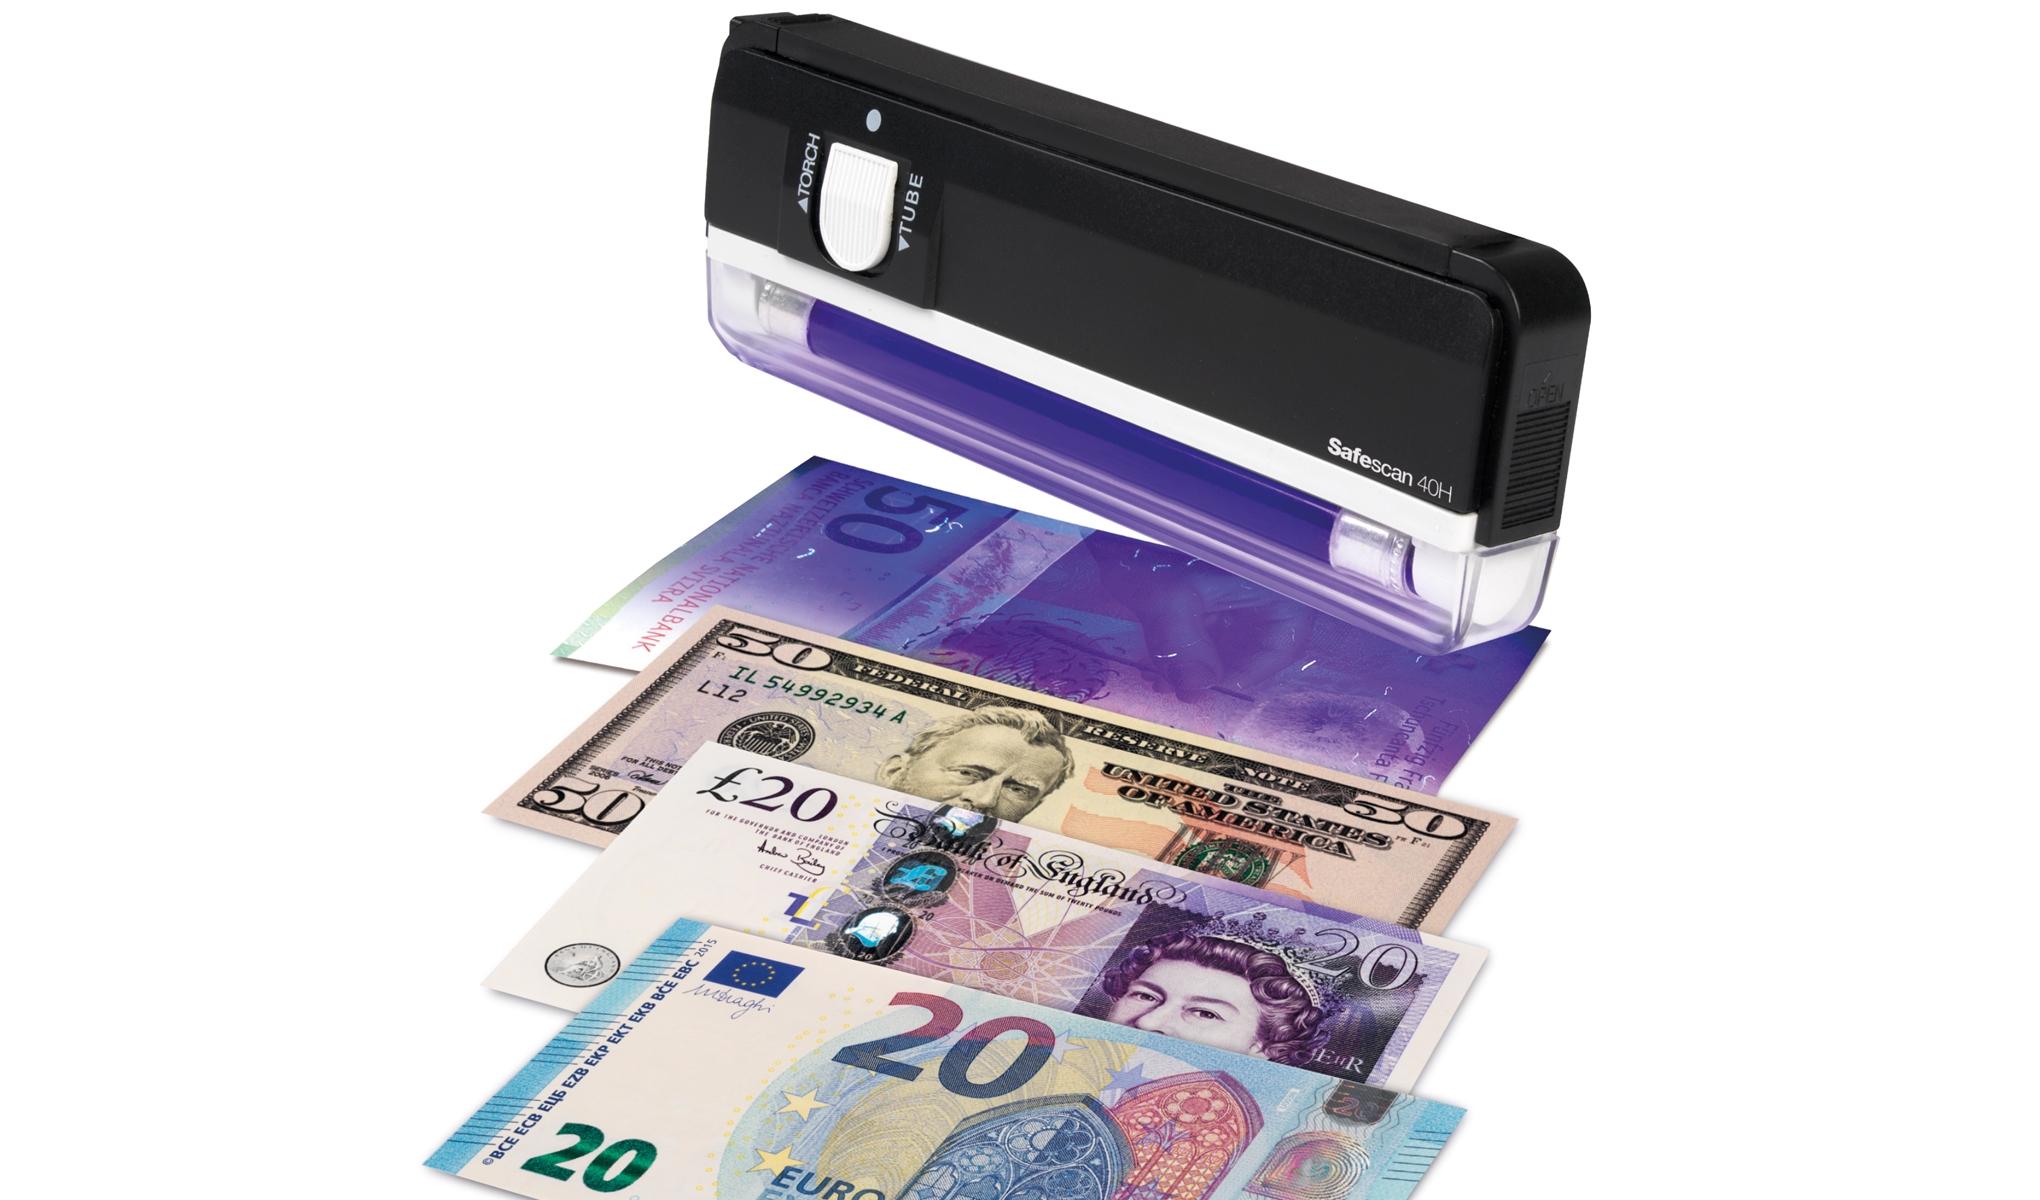 safescan-40h-mobiler-falschgeld-detektor